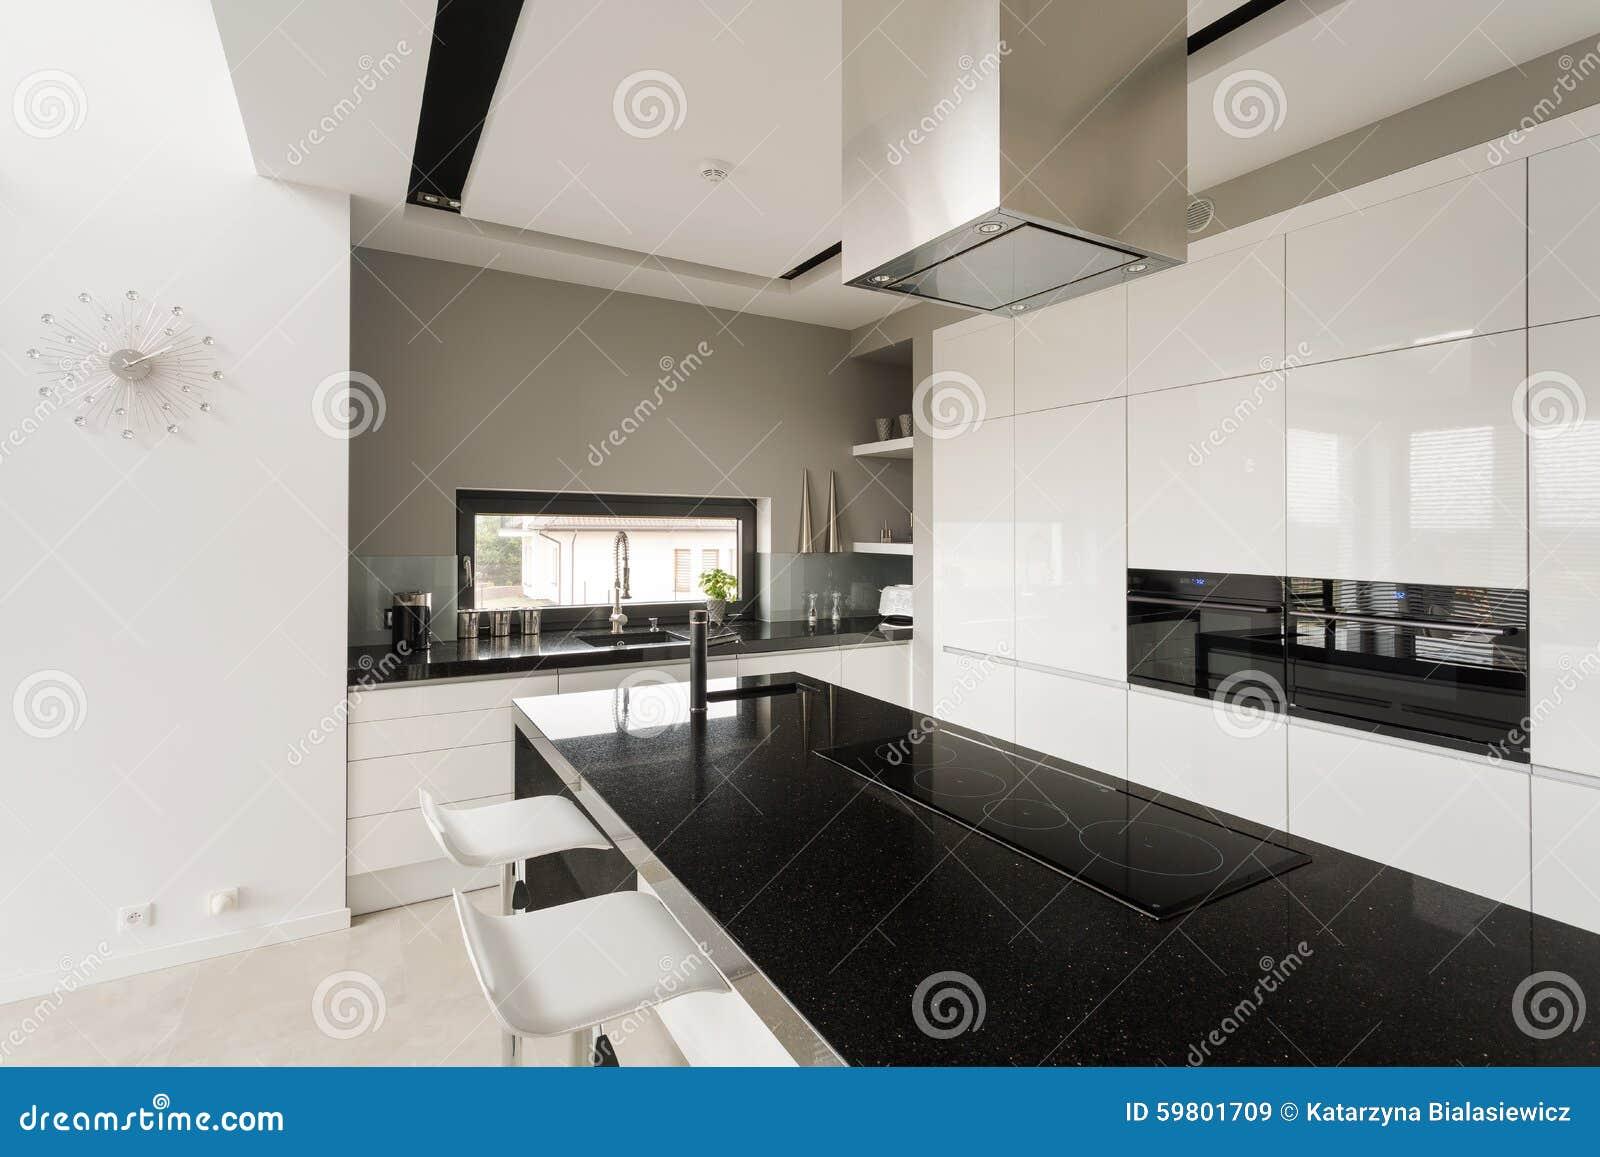 Cocina blanco y negro de lujo foto de archivo imagen - Cocina blanco y negro ...